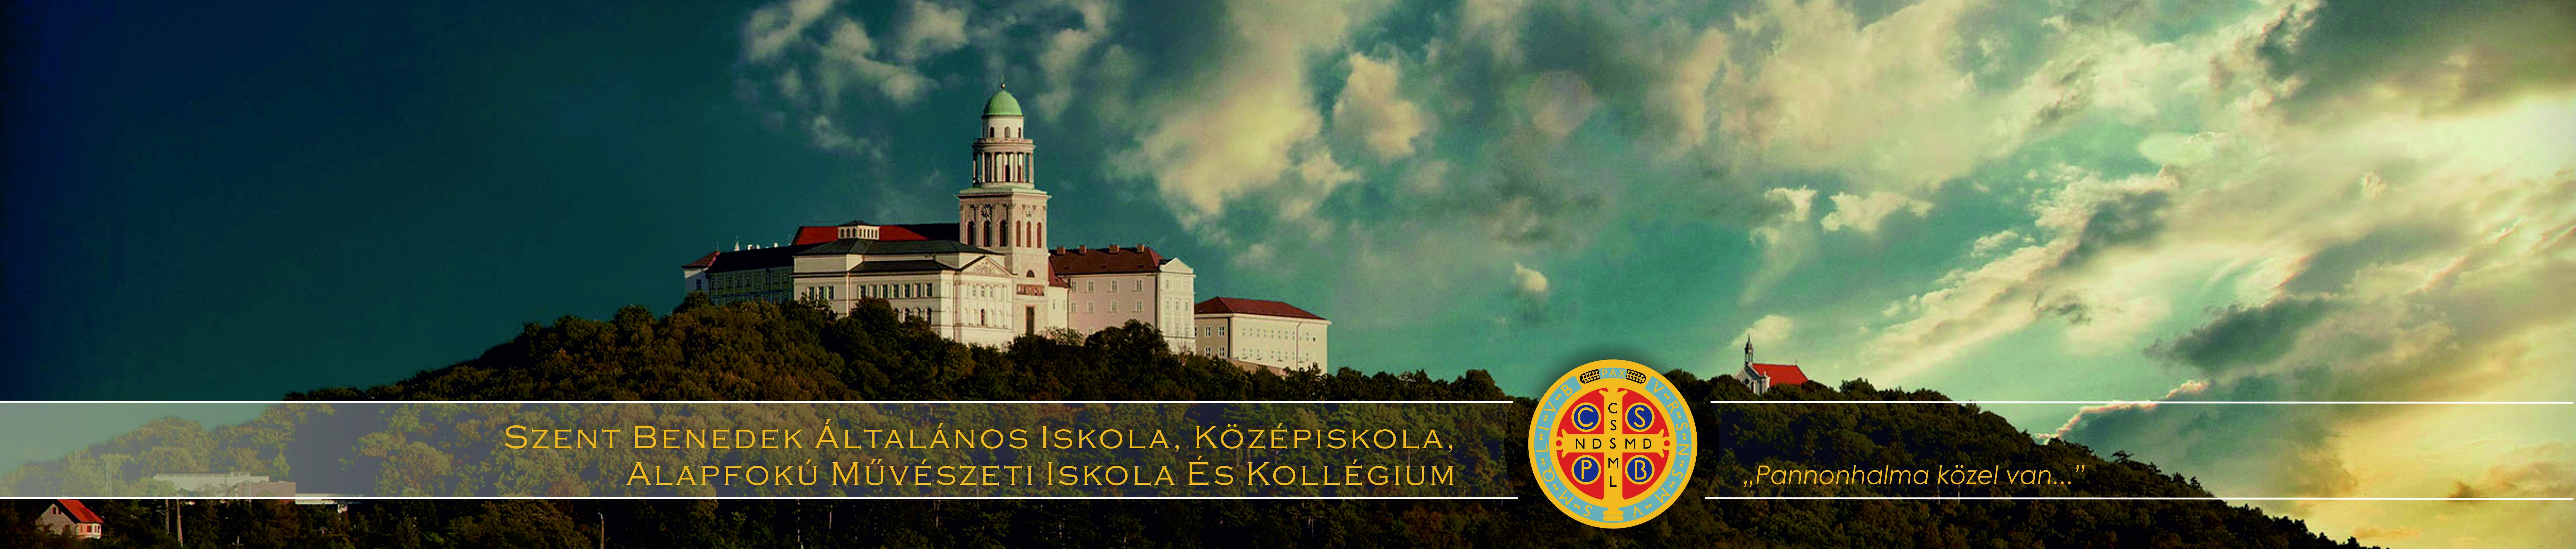 Szent Benedek Általános Iskola és Középiskola